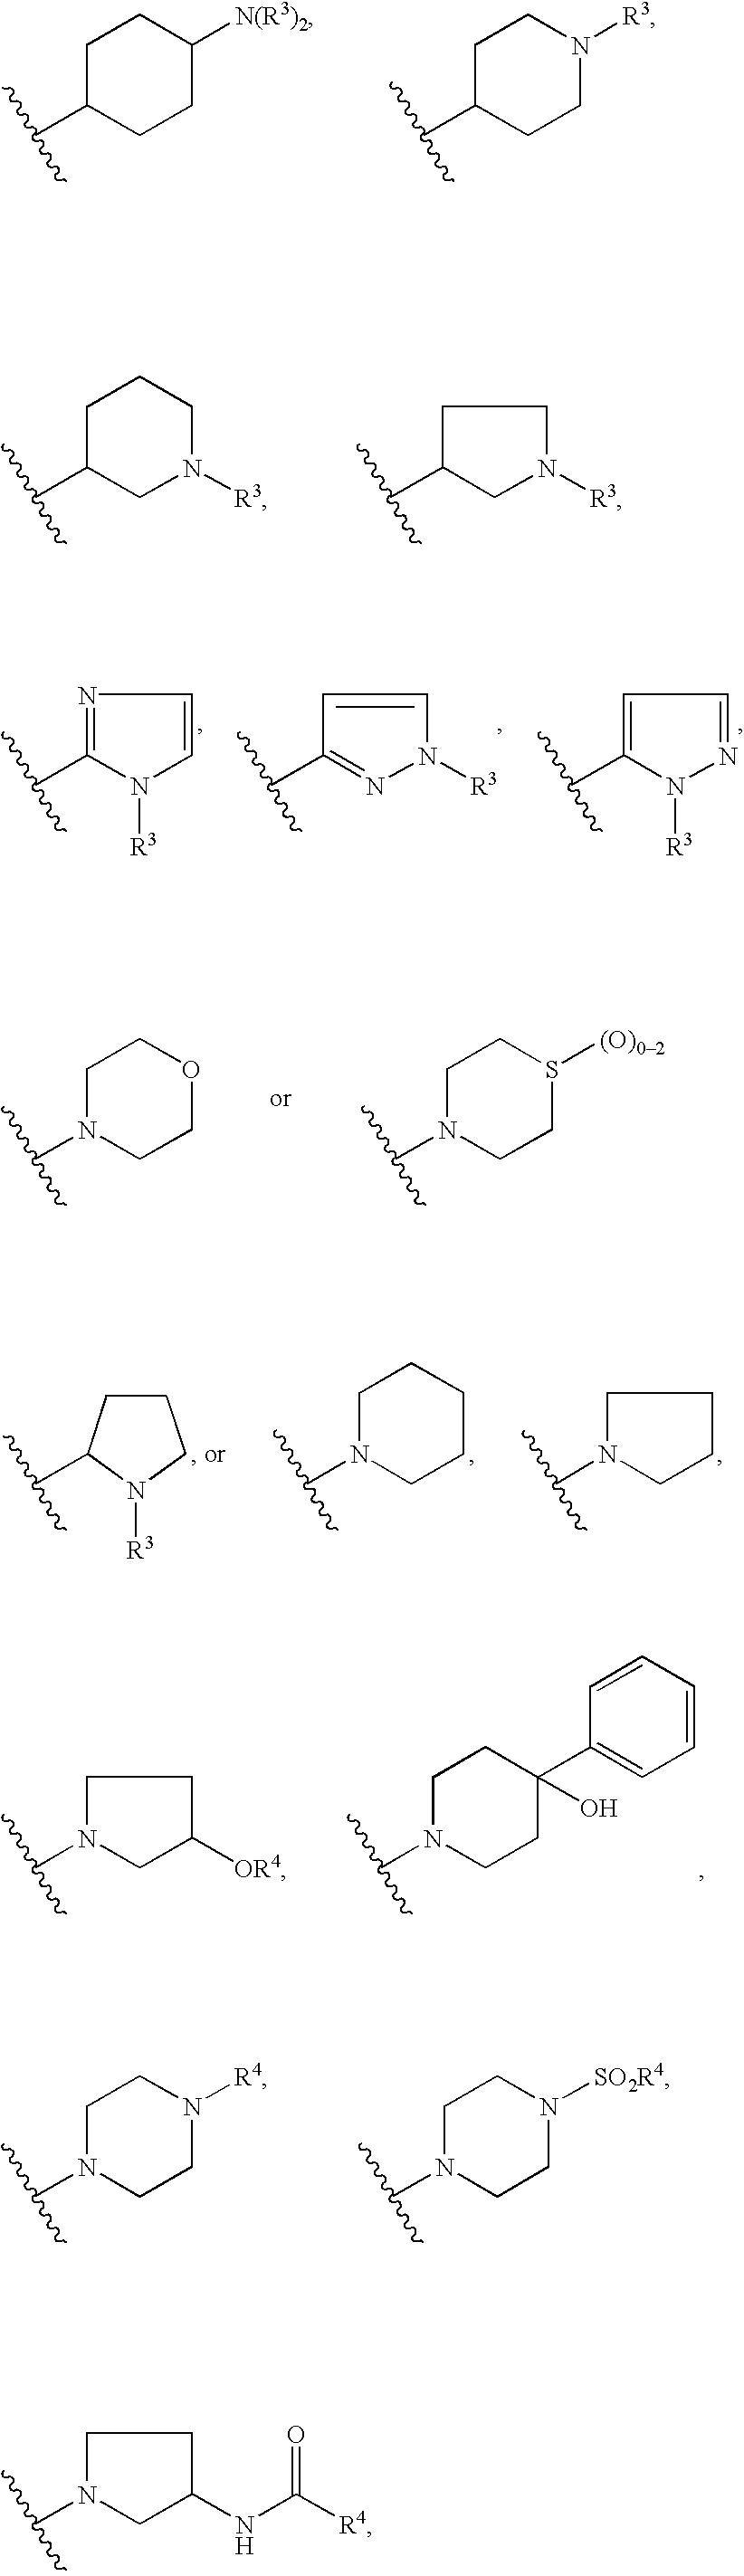 Figure US20030022891A1-20030130-C00293